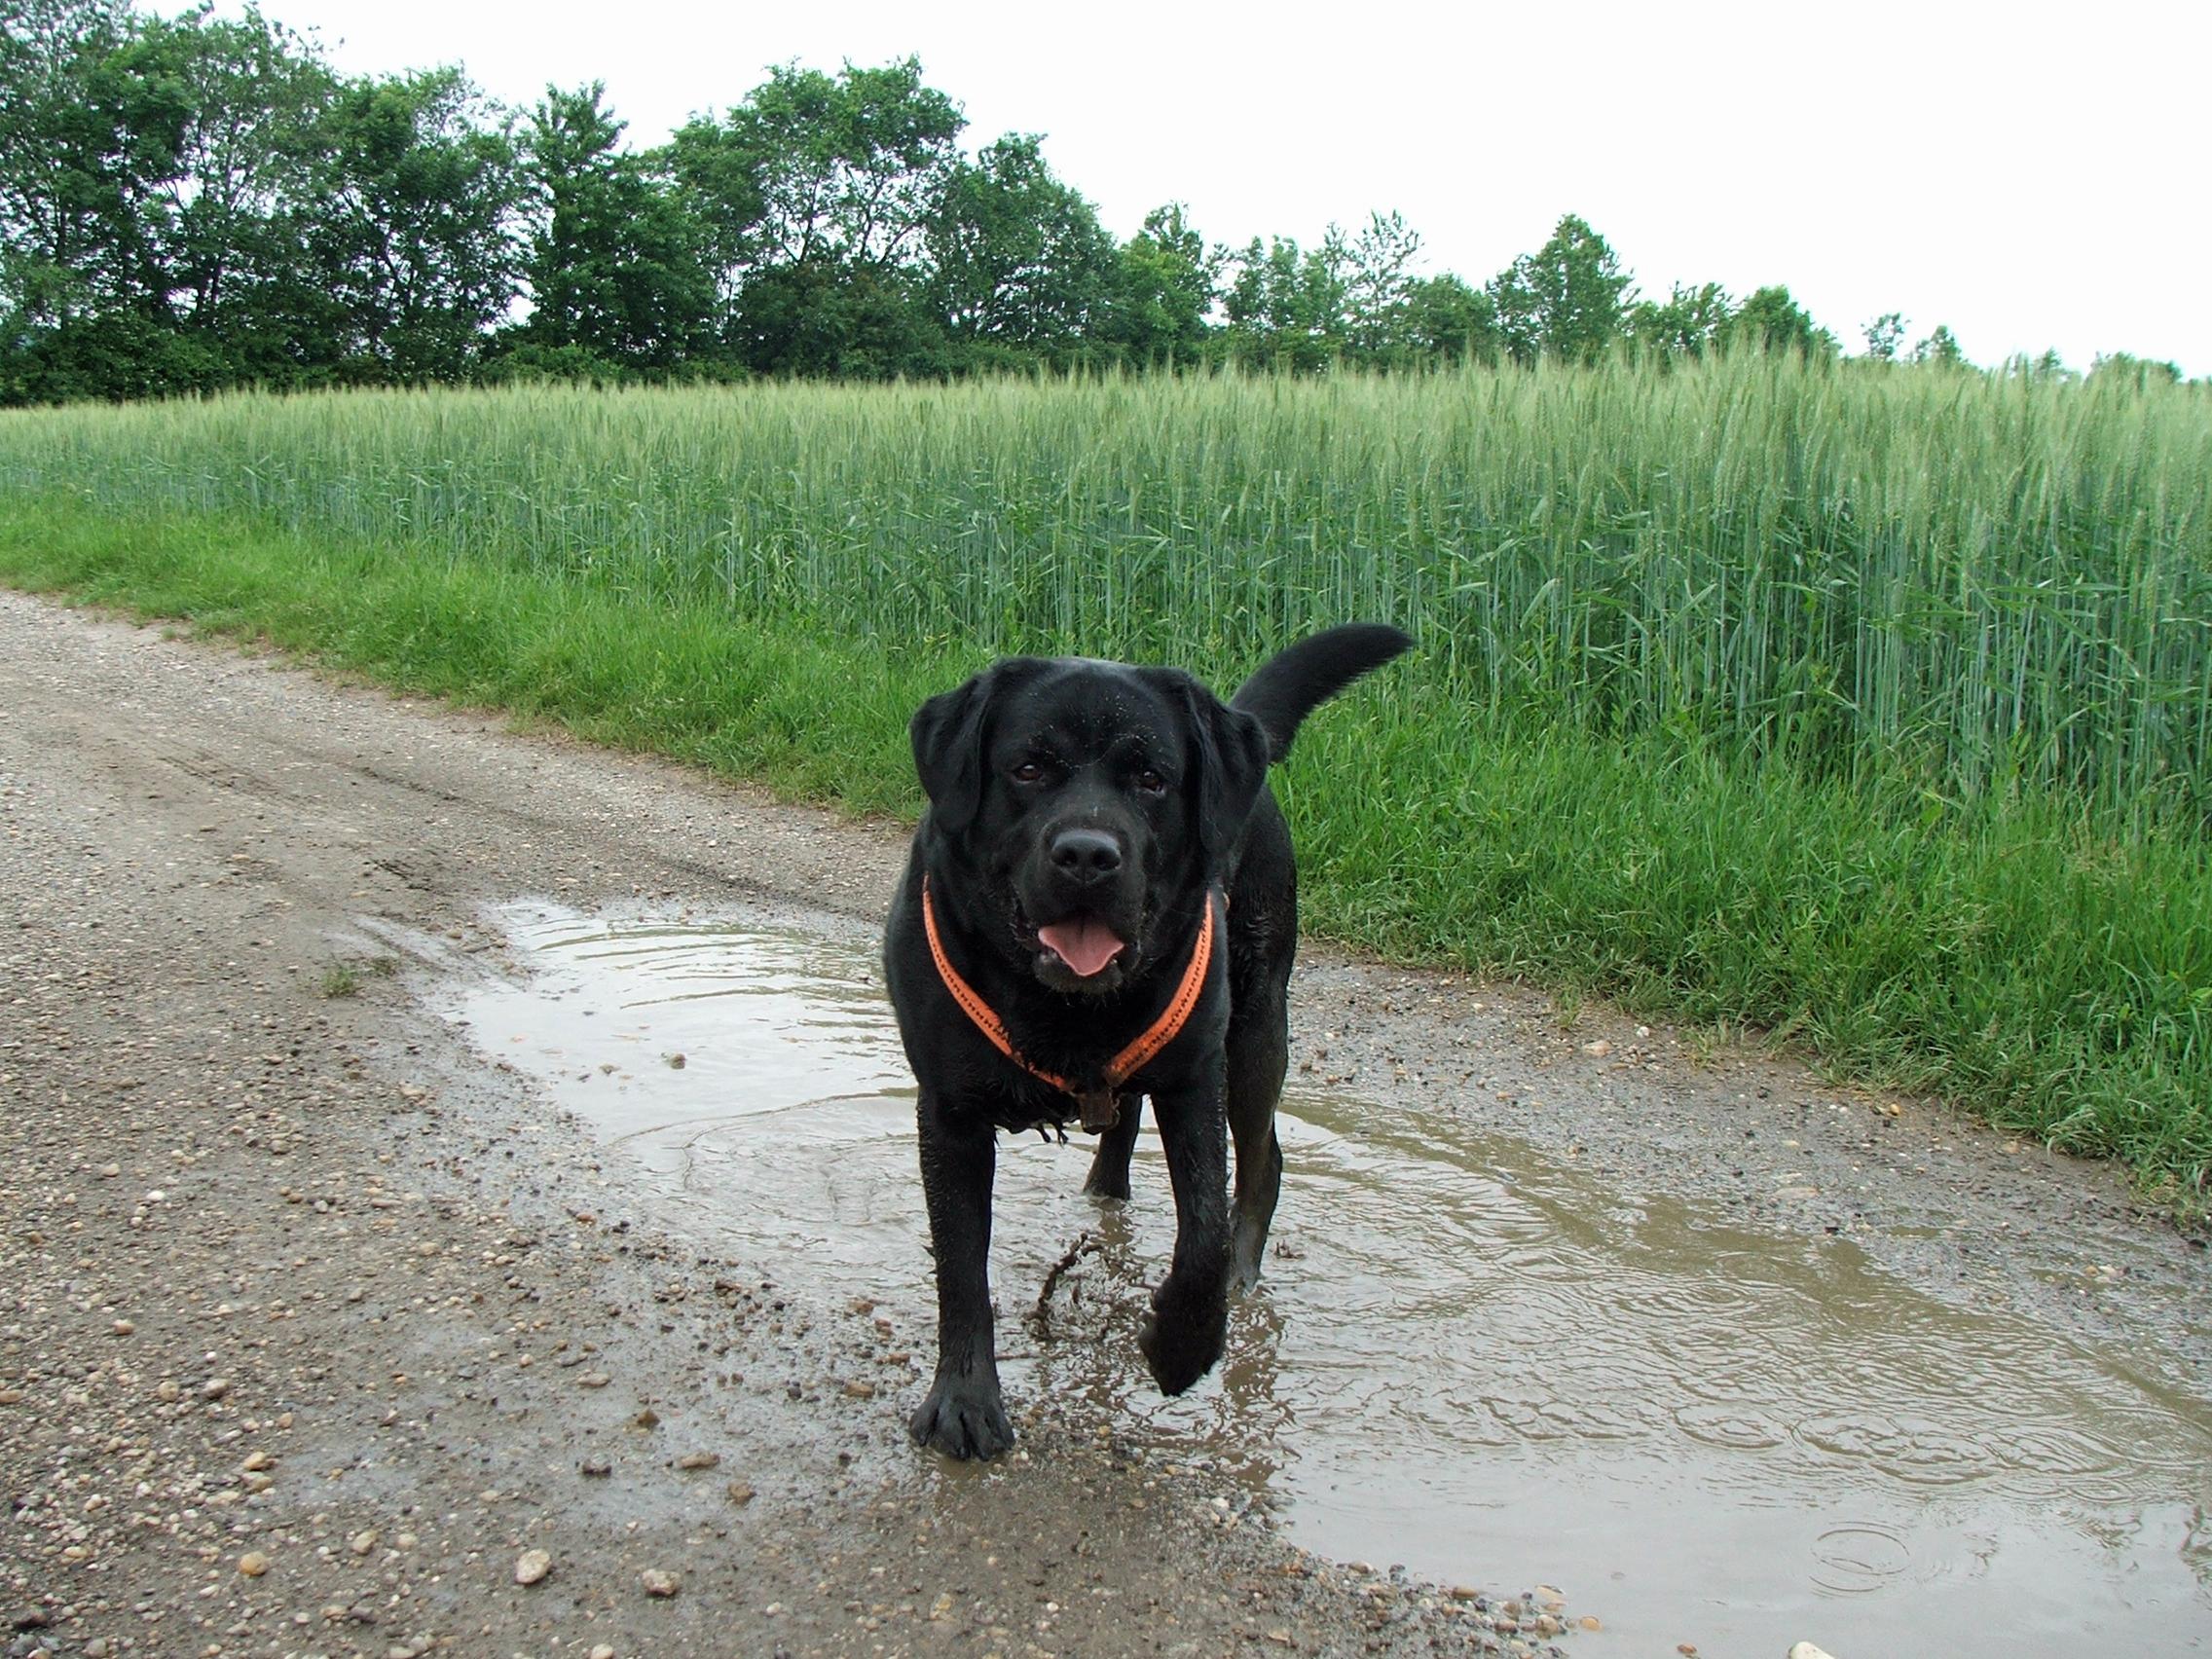 Bürohund Pedro läuft durch eine Pfütze auf dem Weg vor einem Getreidefeld